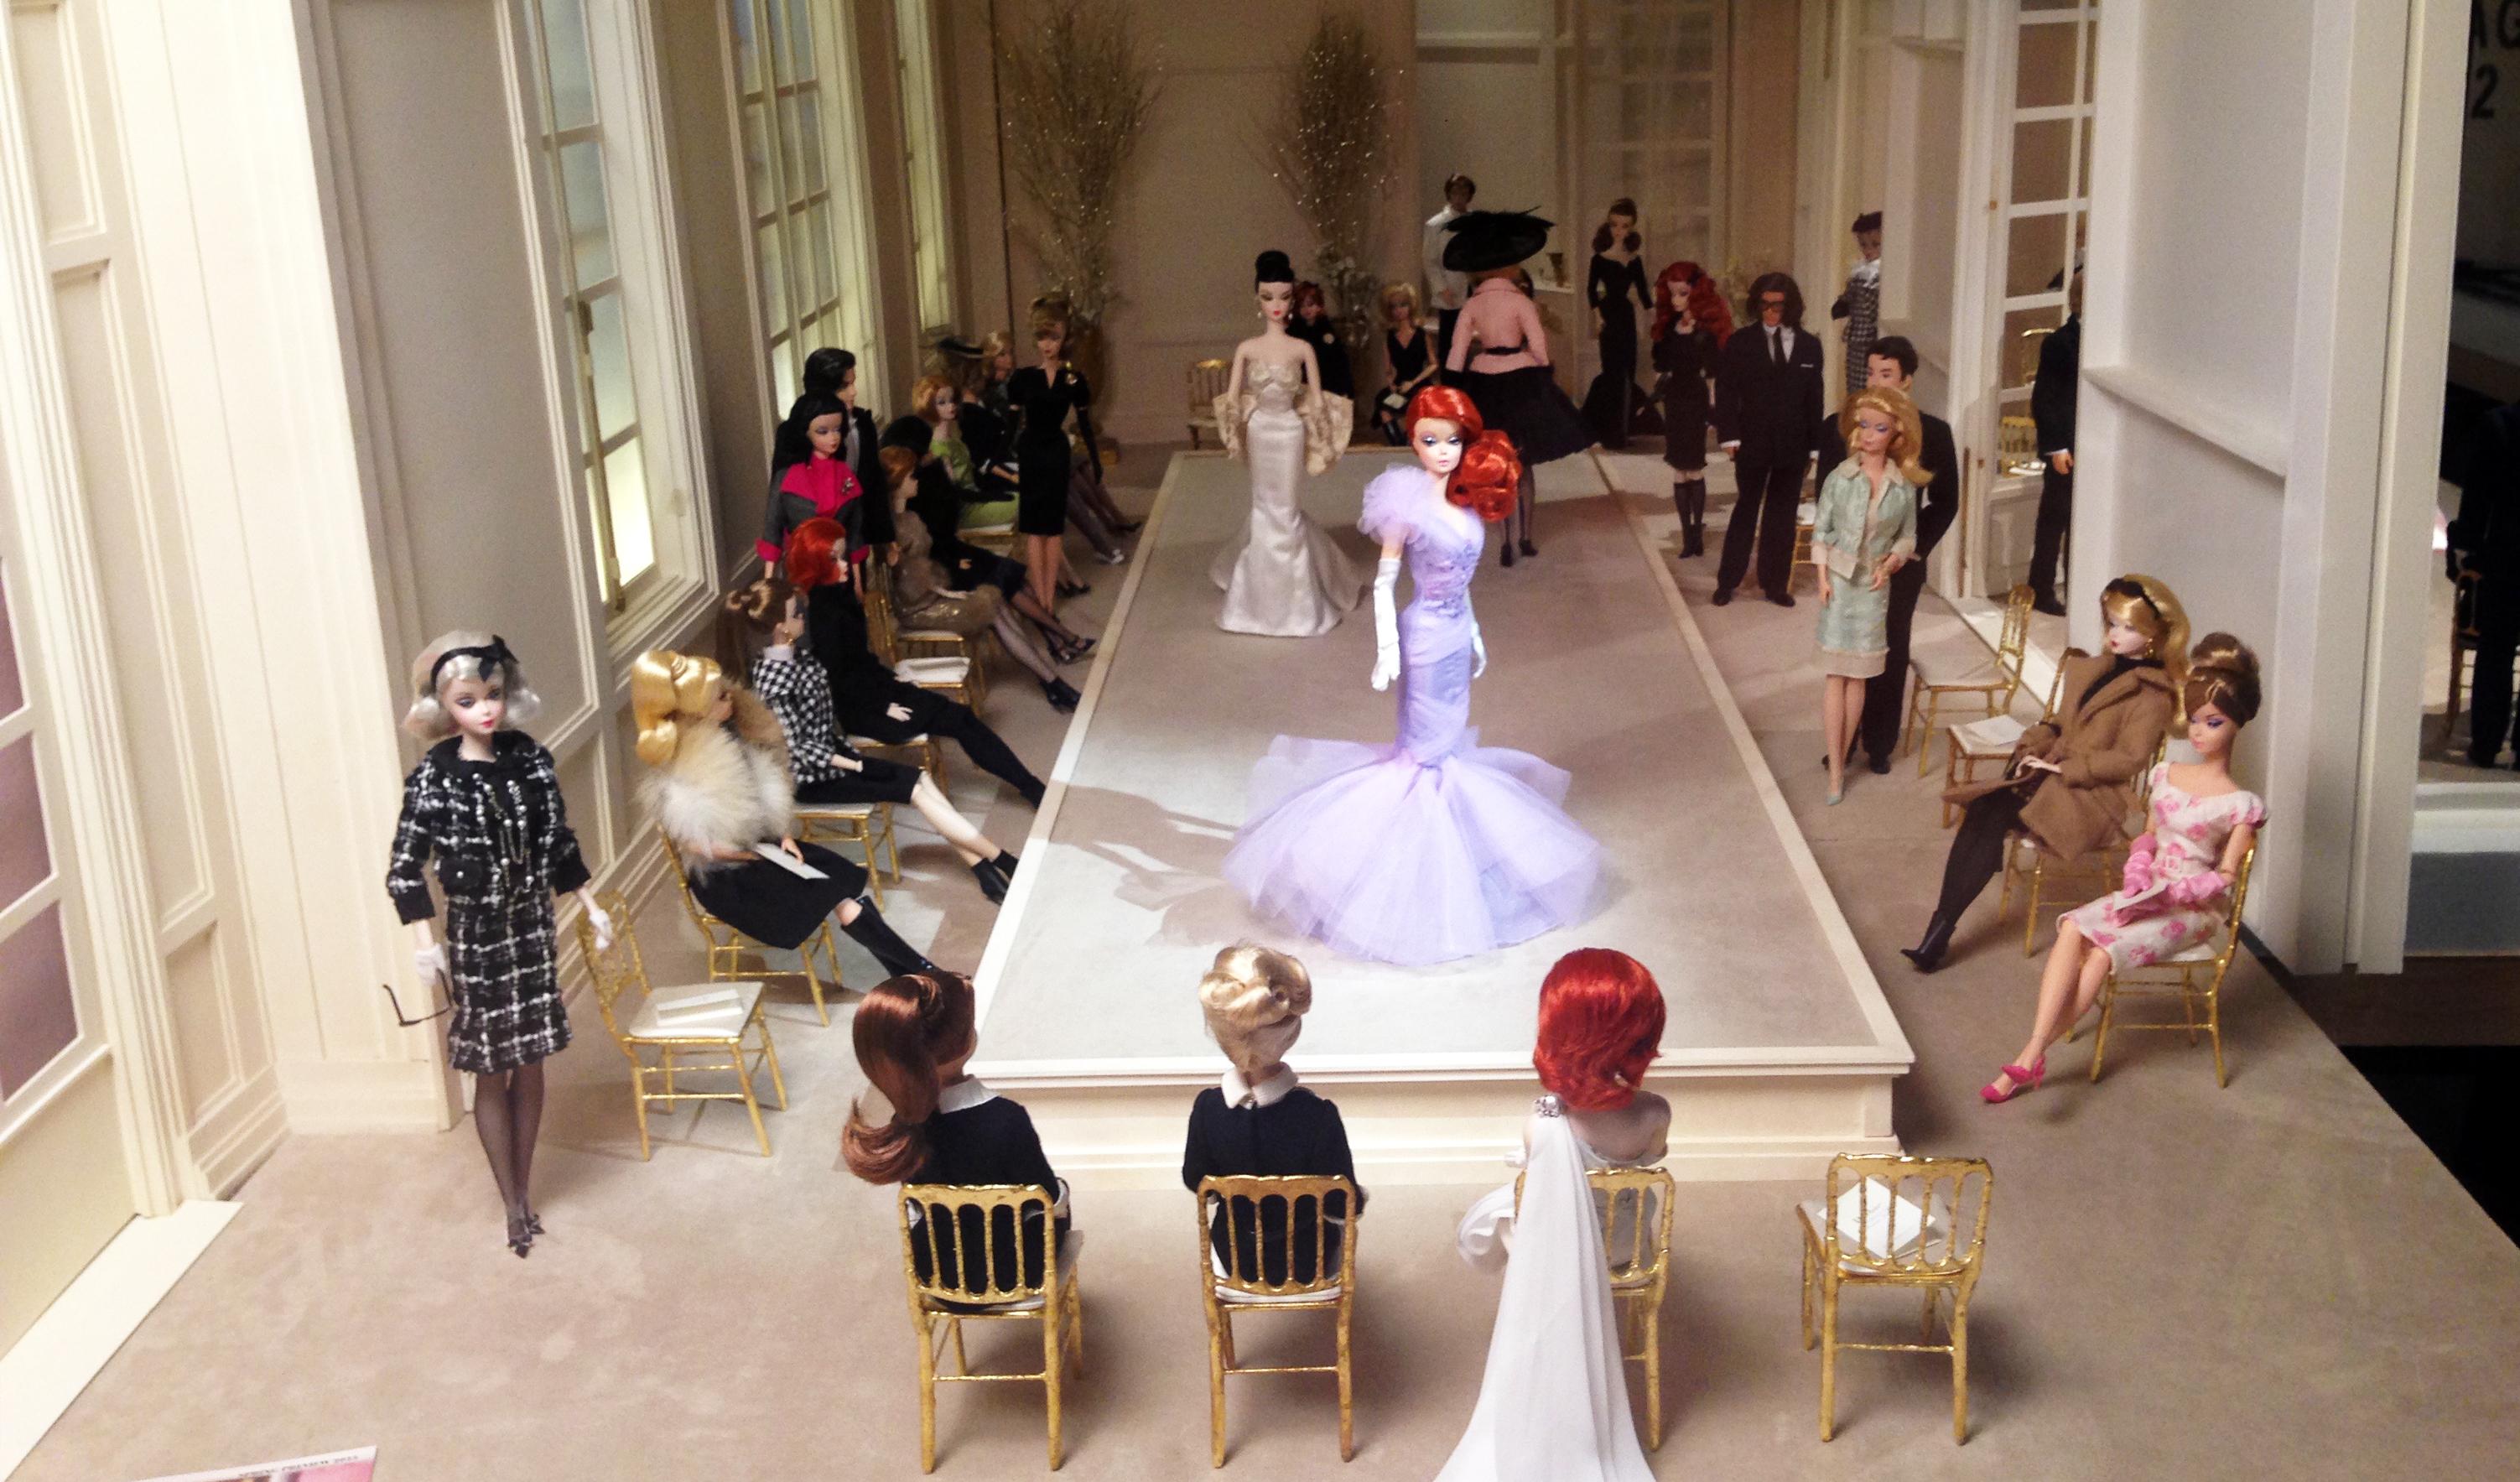 Barbie à la pointe de la mode